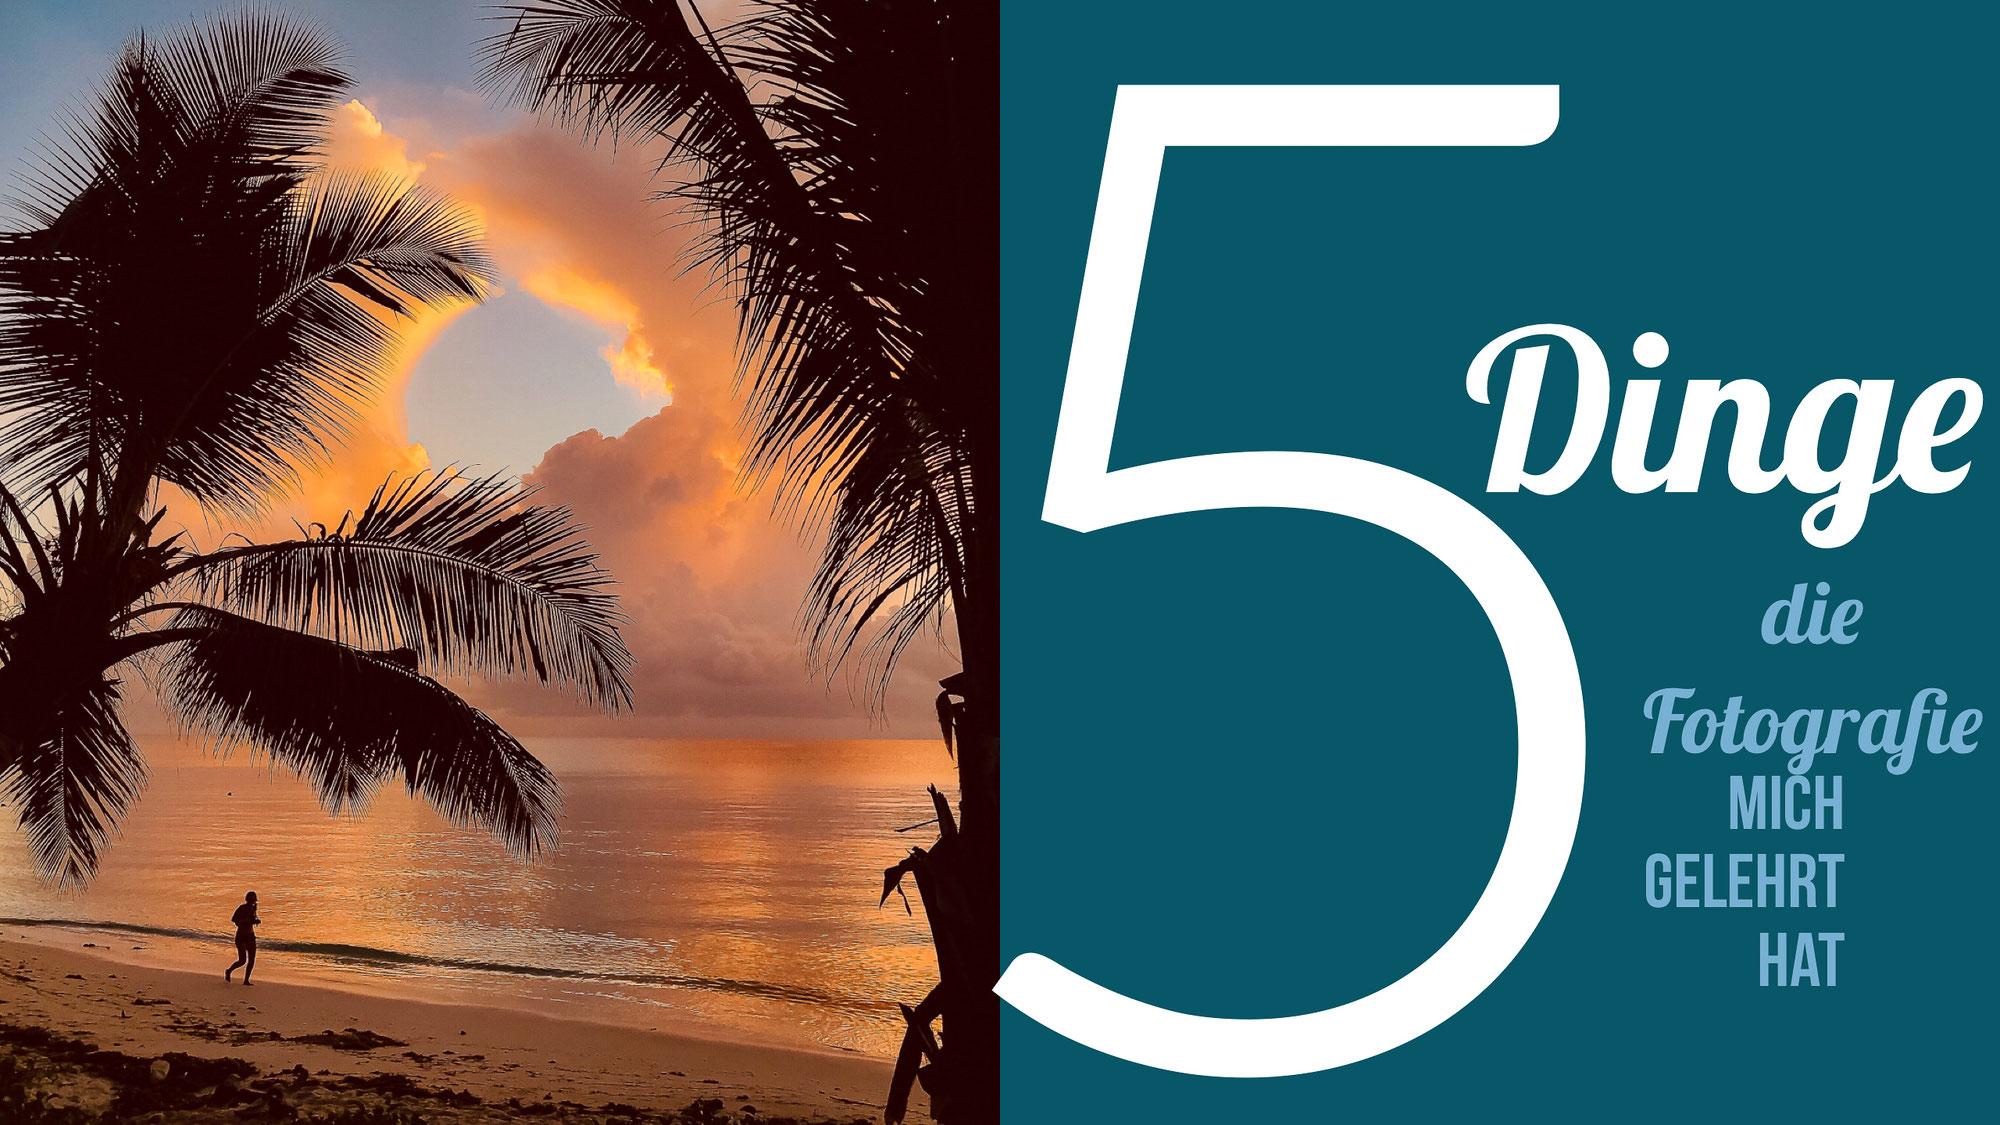 5 Dinge, die Fotografie mich gelehrt hat